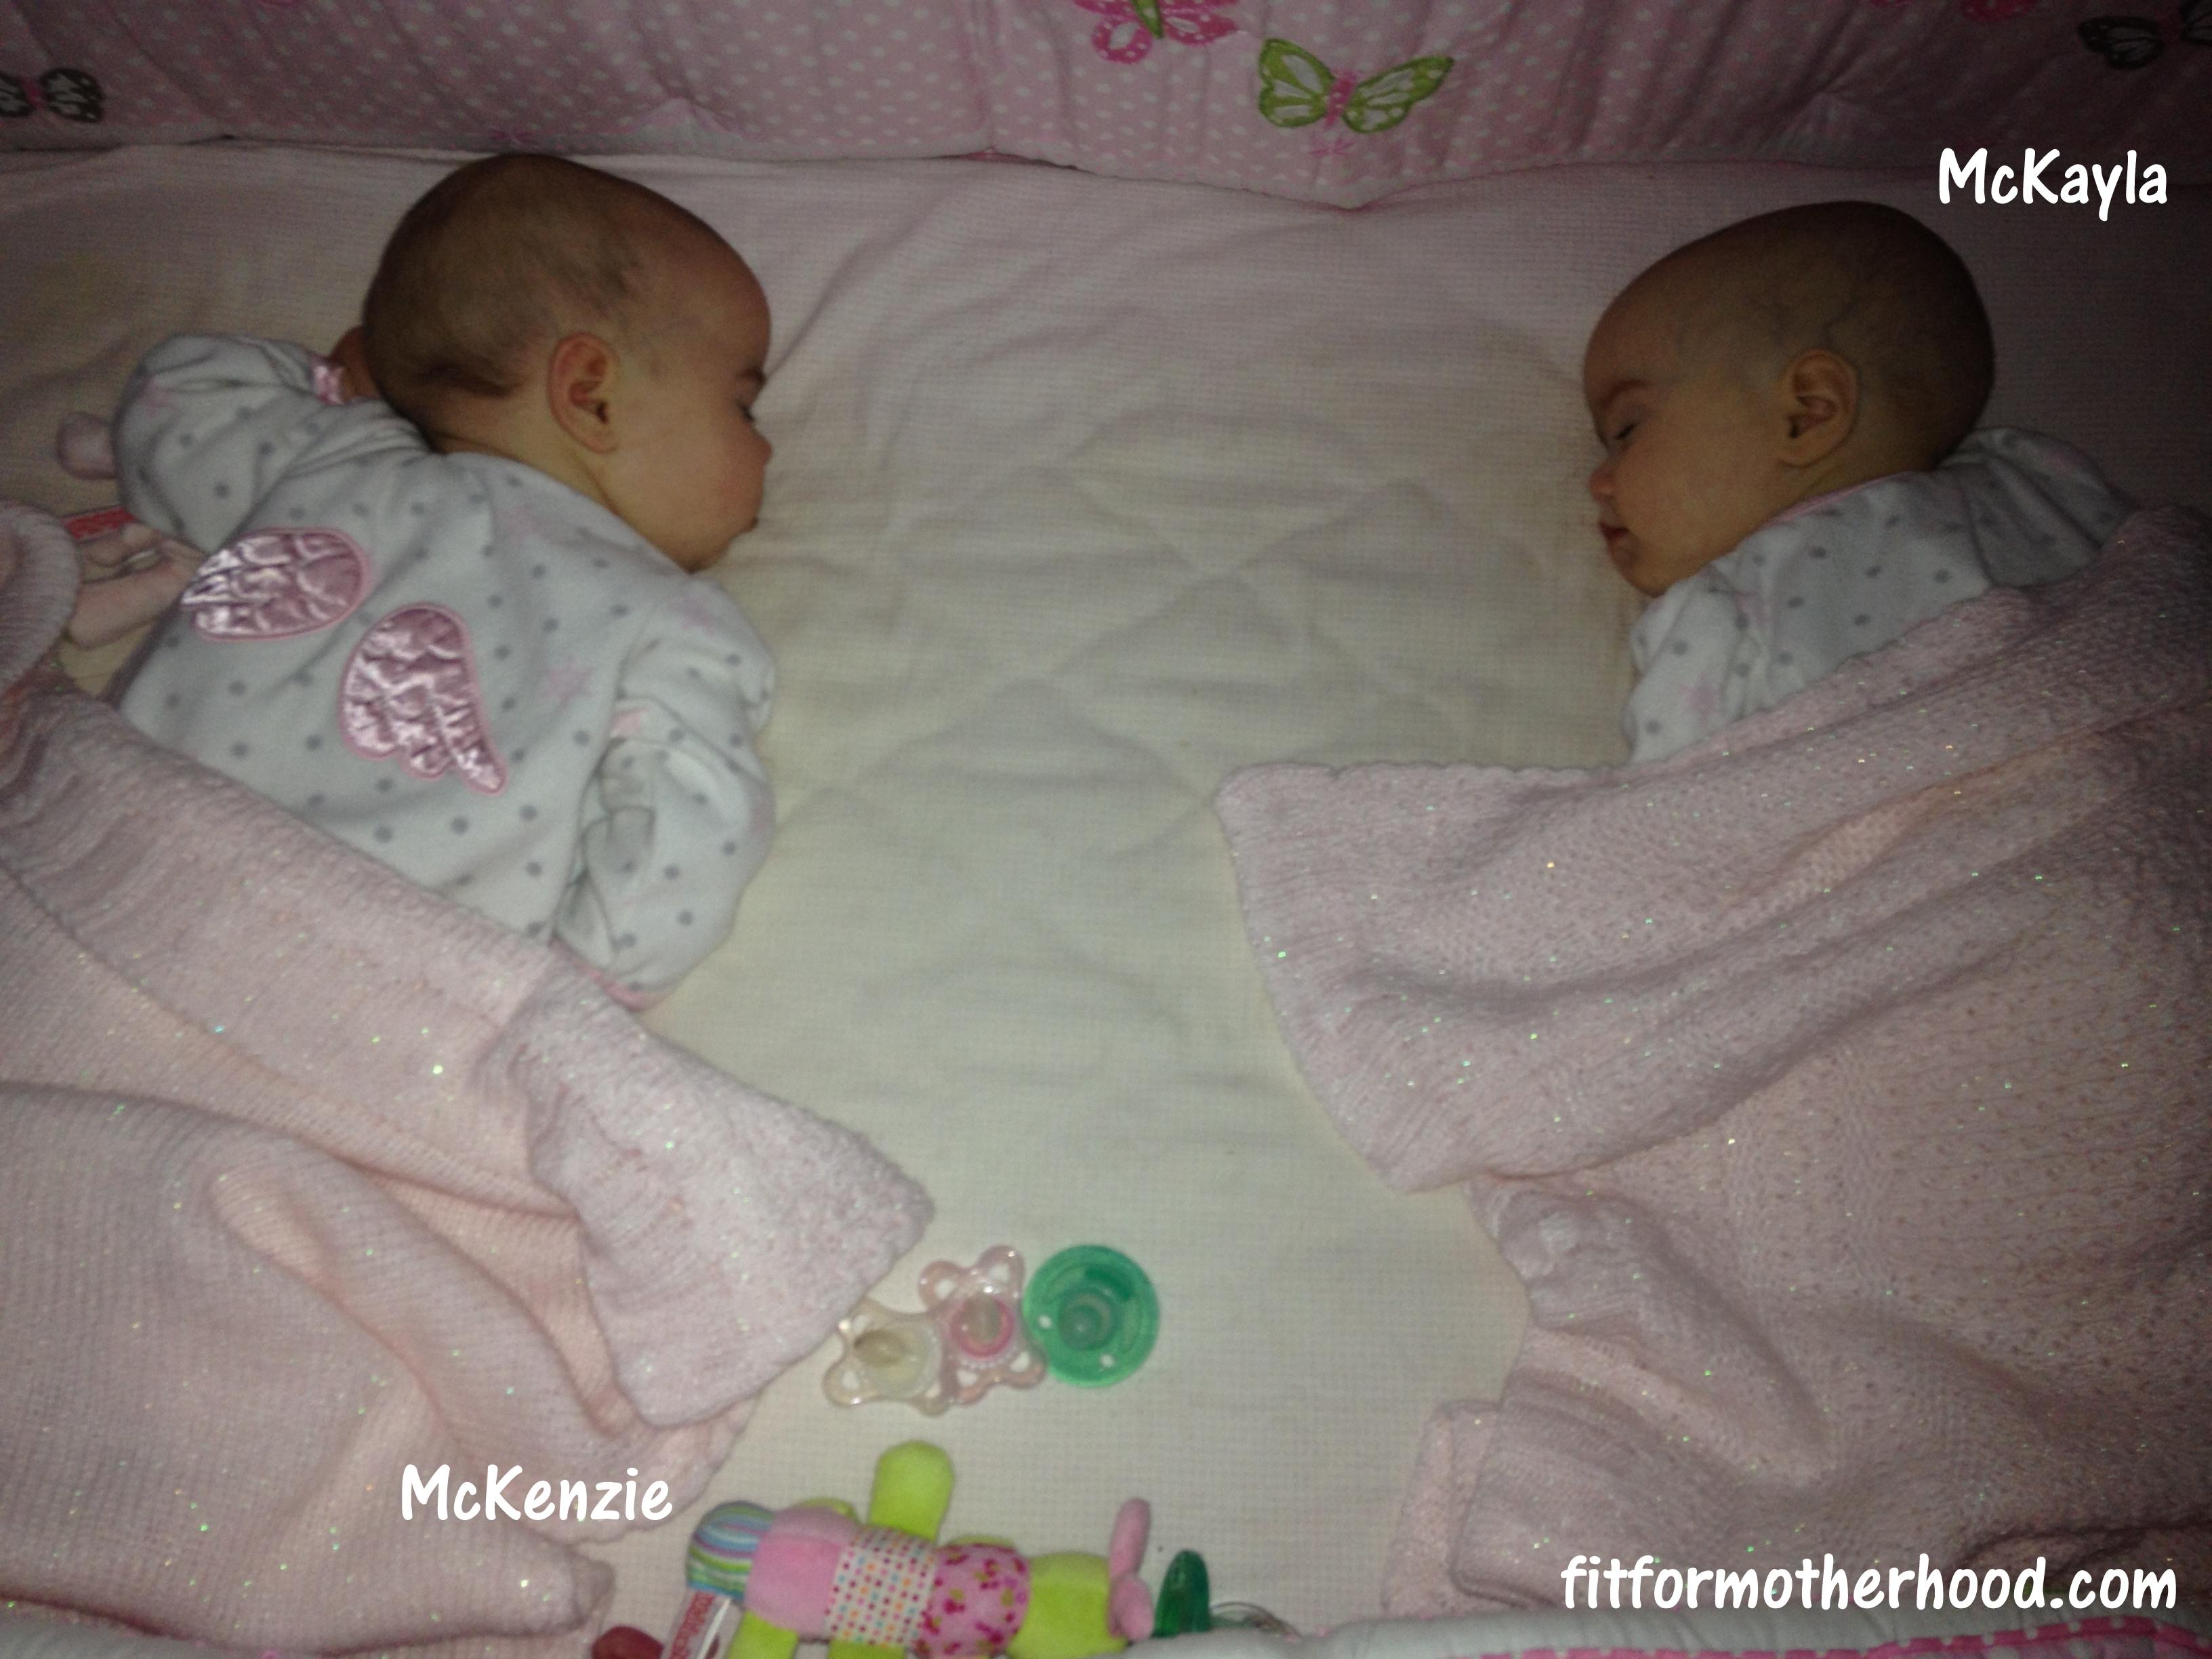 McKenzie and McKayla – 6 Months